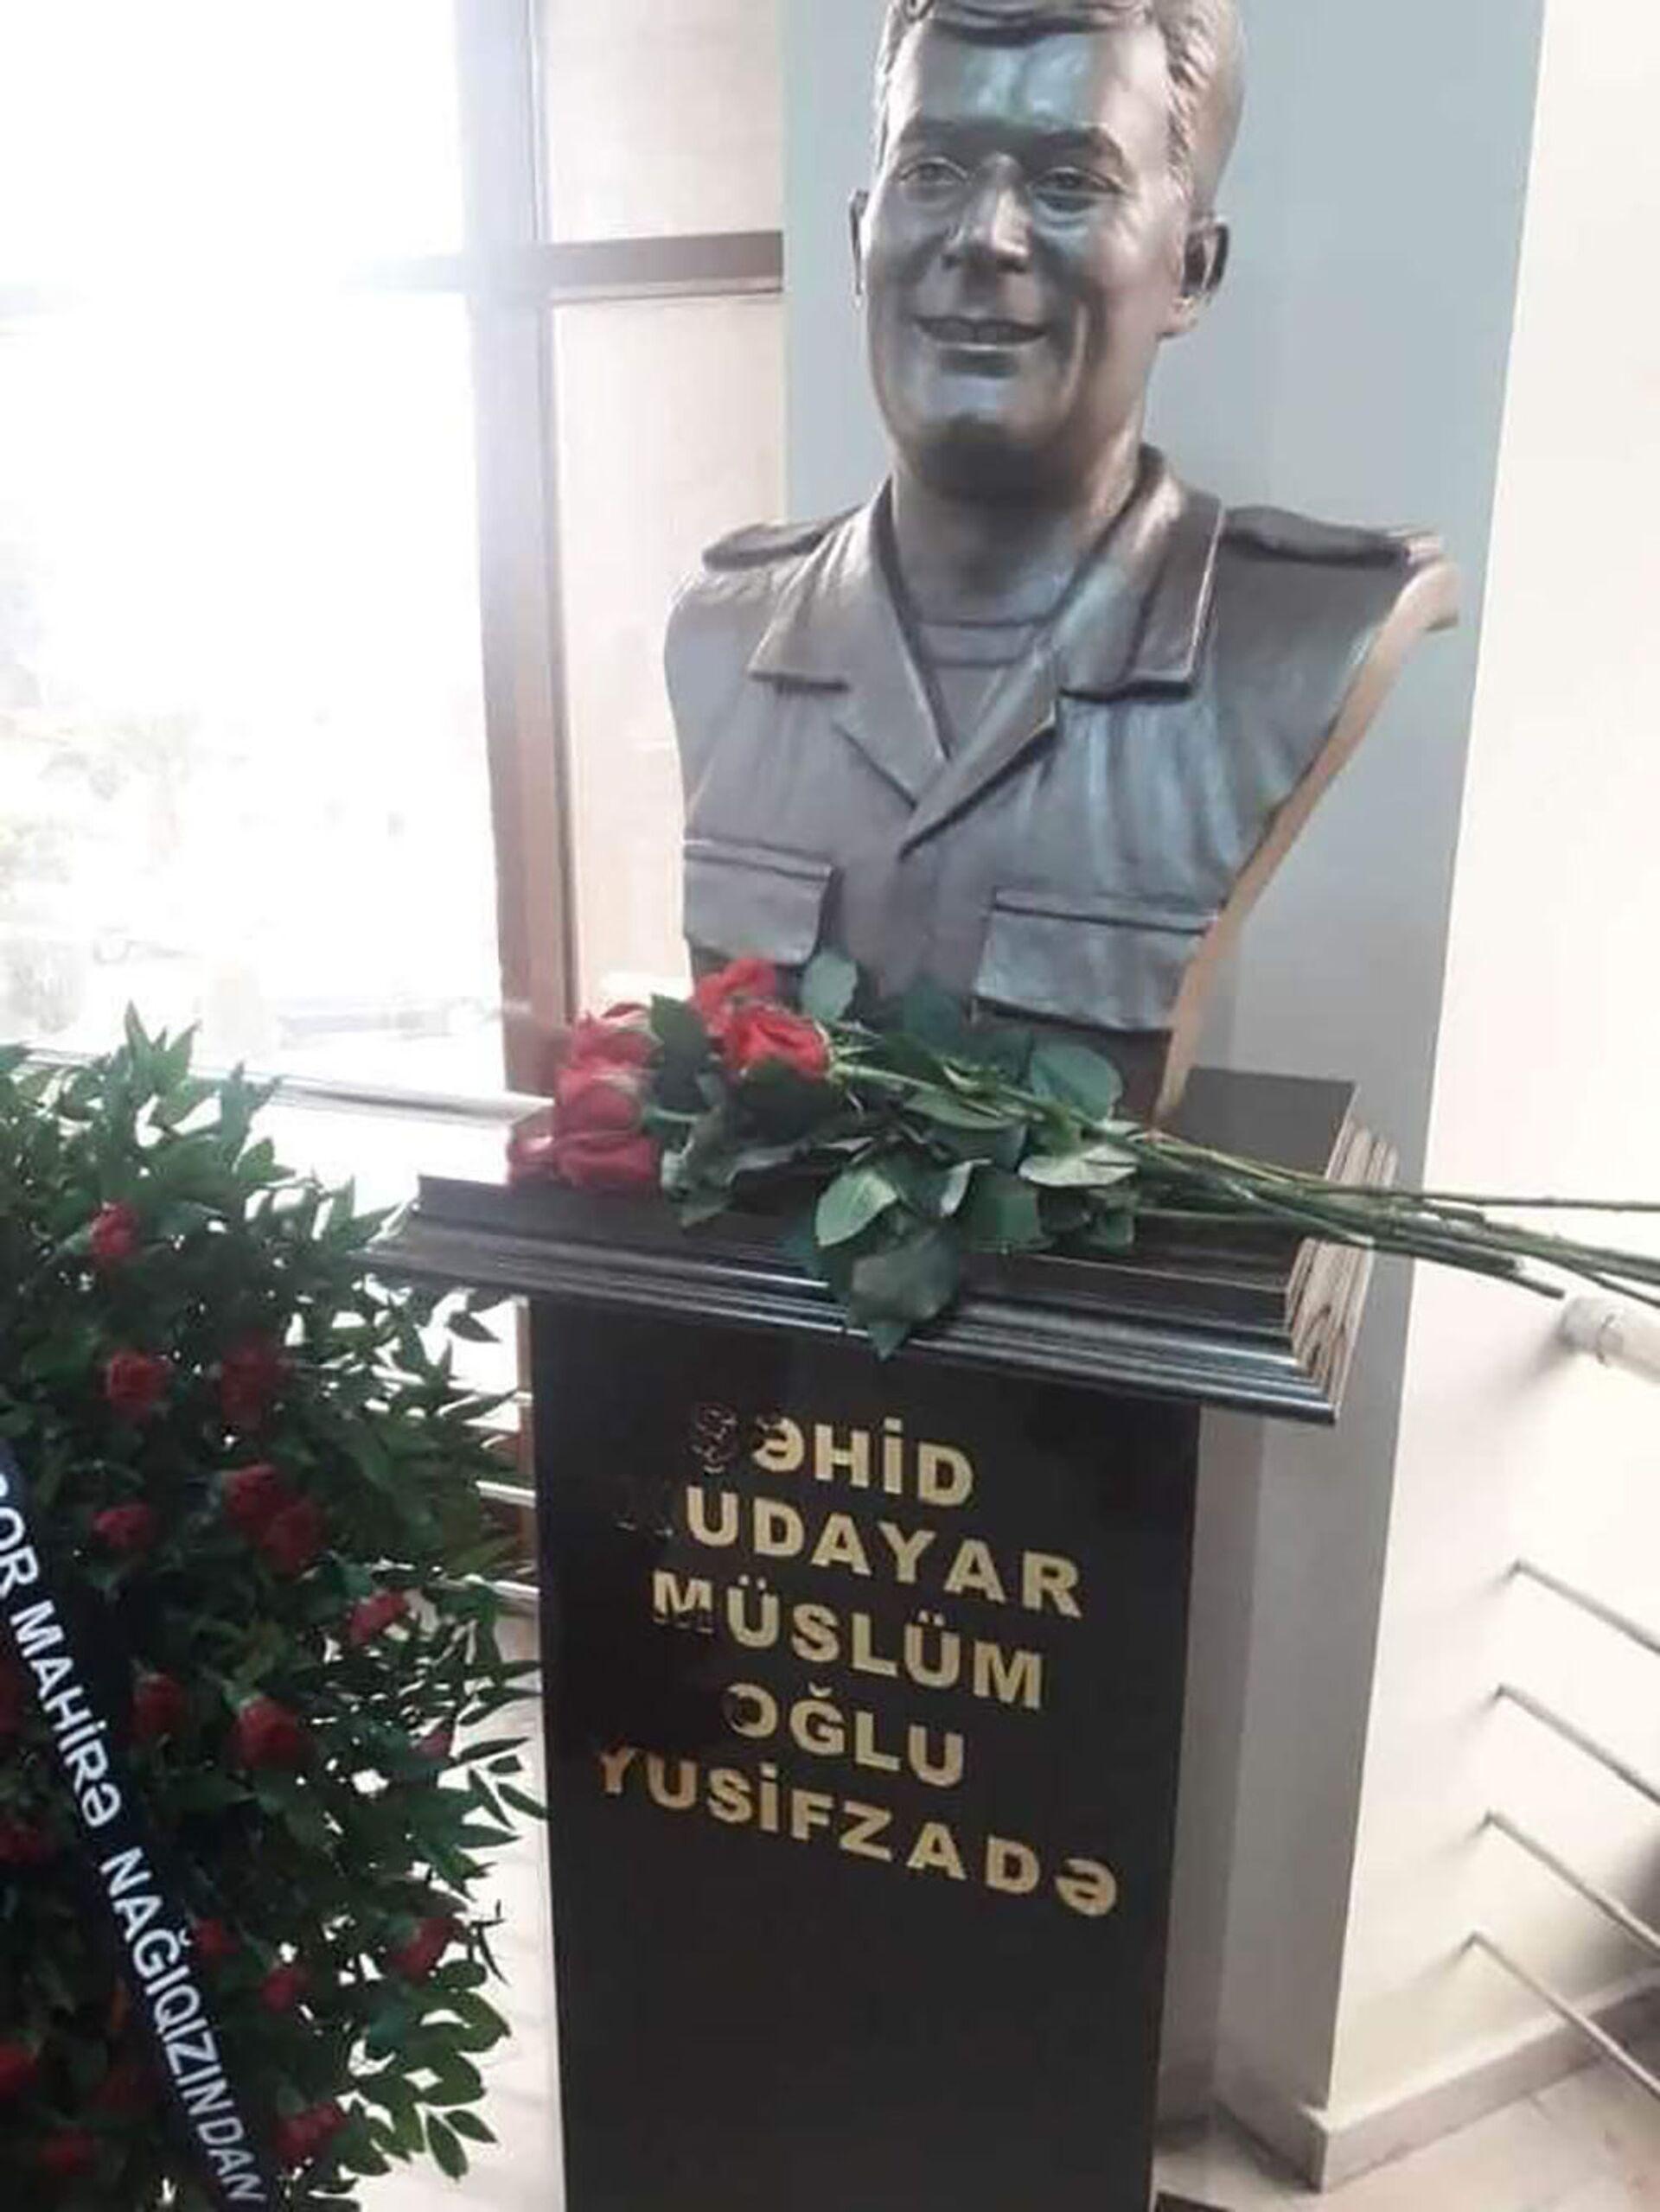 Бюст Худаяра Юсифзаде установили в бардинской школе, в которой он учился - Sputnik Азербайджан, 1920, 19.02.2021